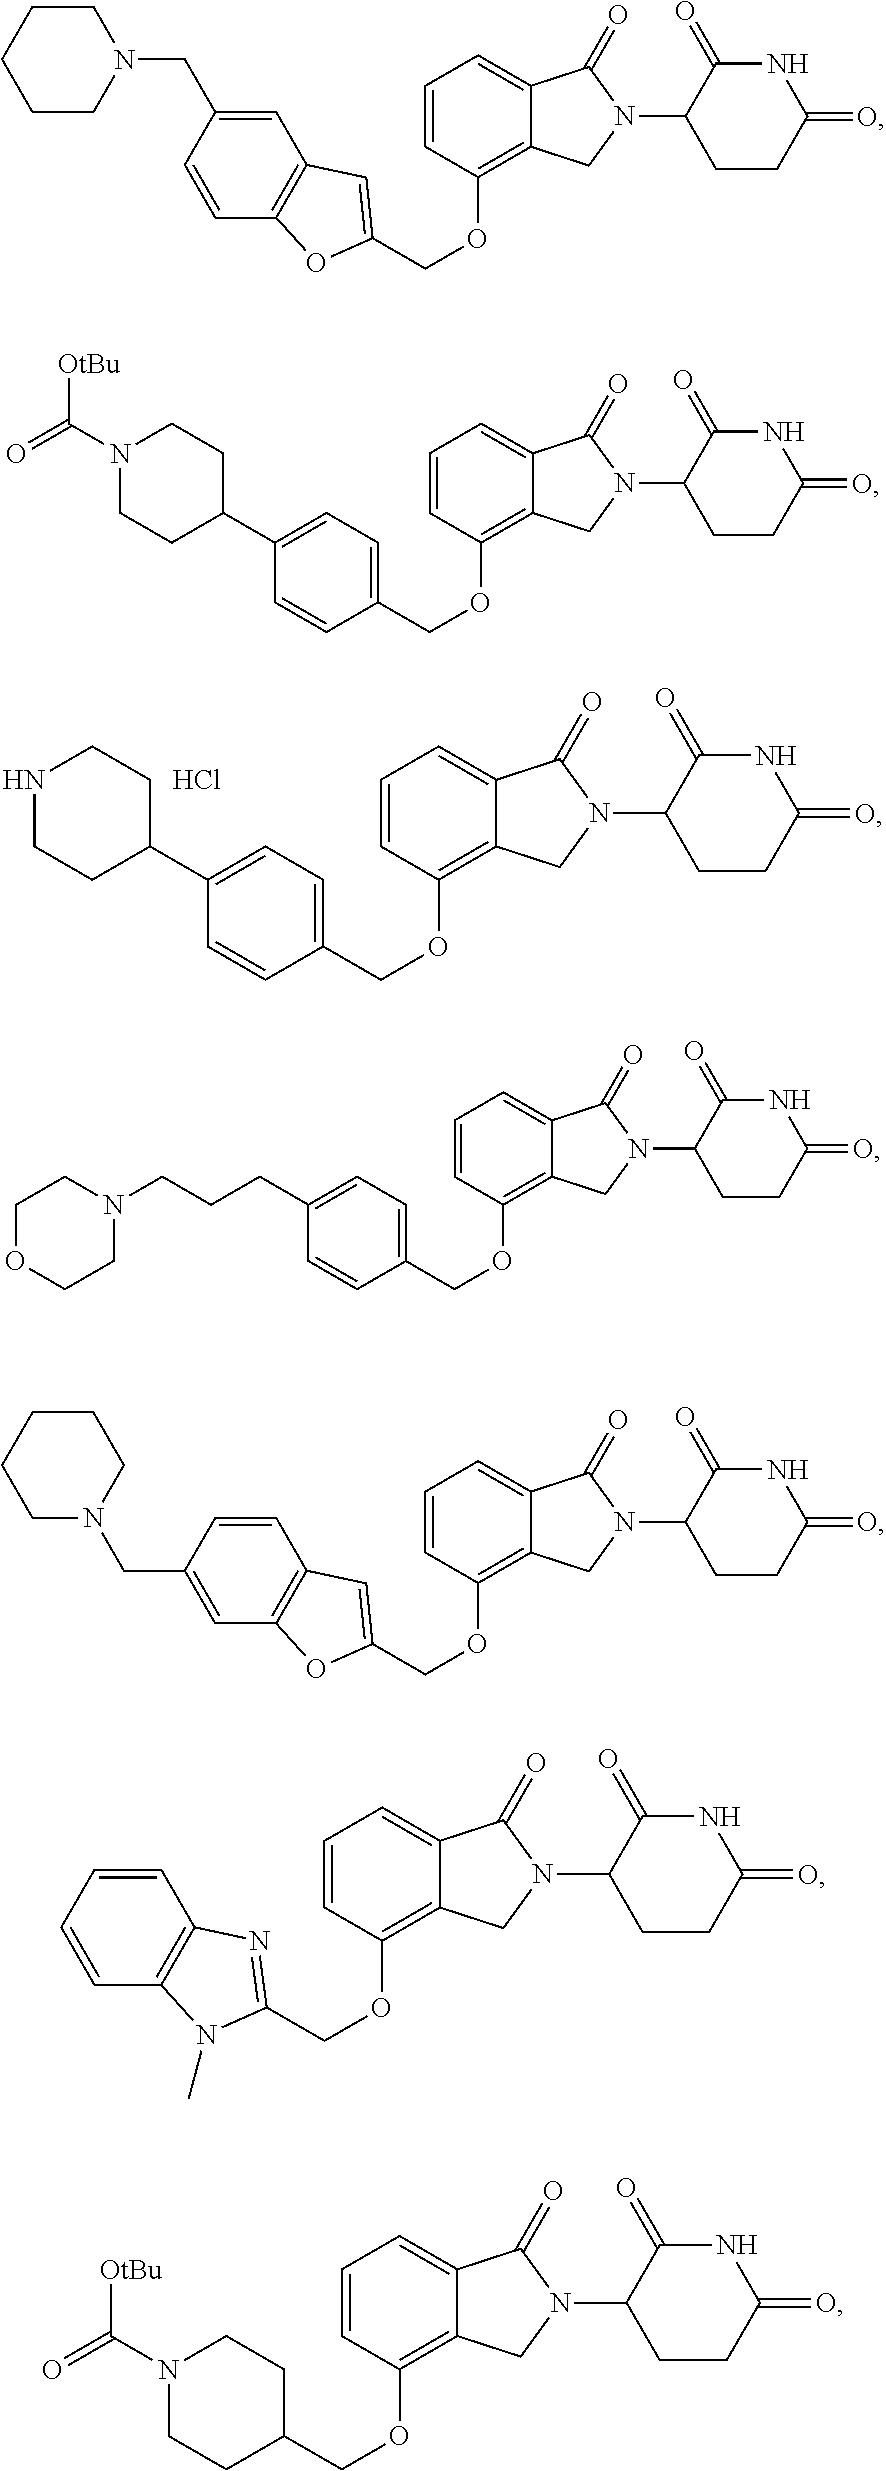 Figure US09587281-20170307-C00047